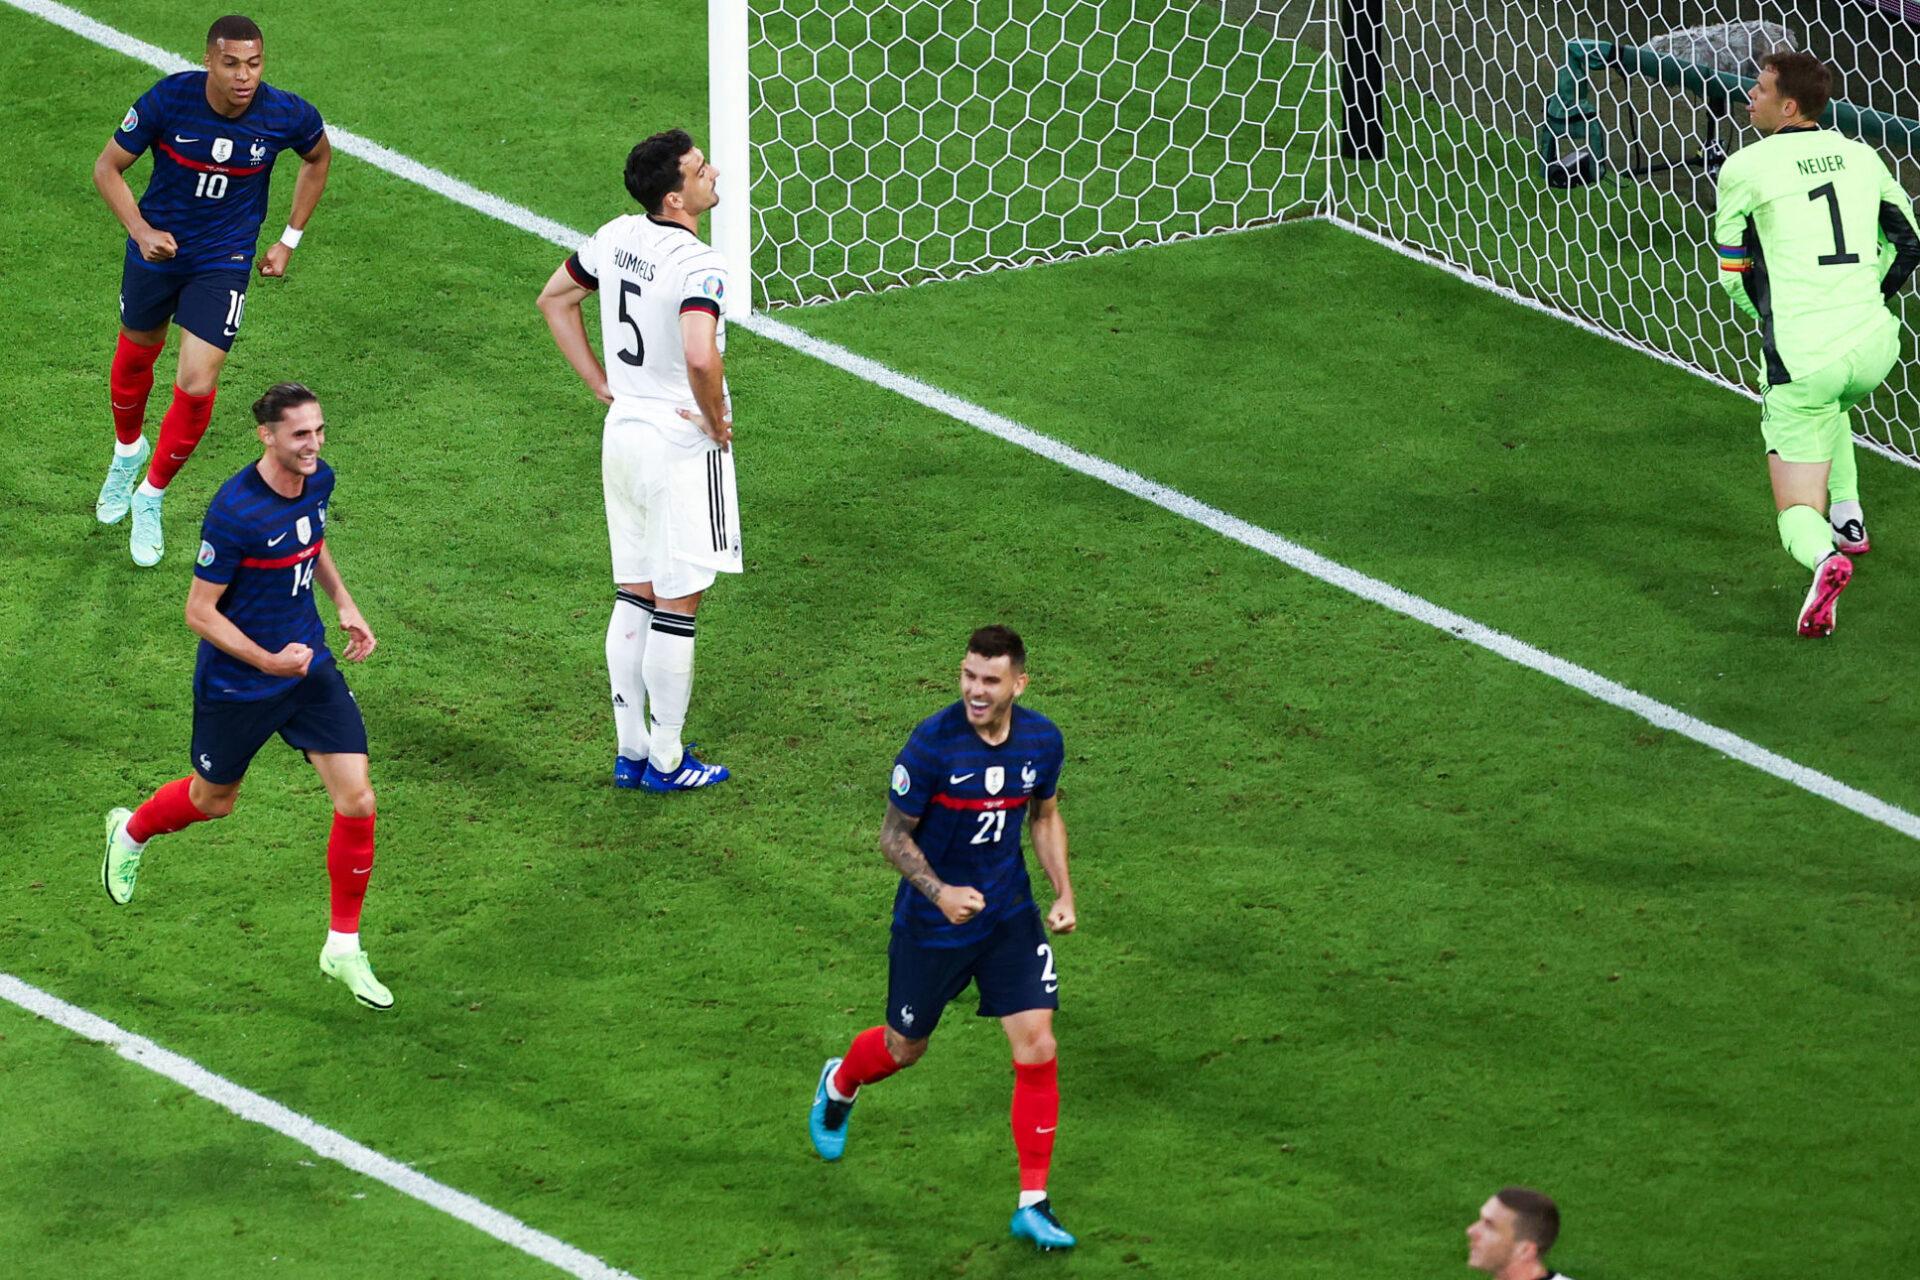 Lucas Hernandez jubile sur l'ouverture du score qu'il a provoquée. Icon Sport